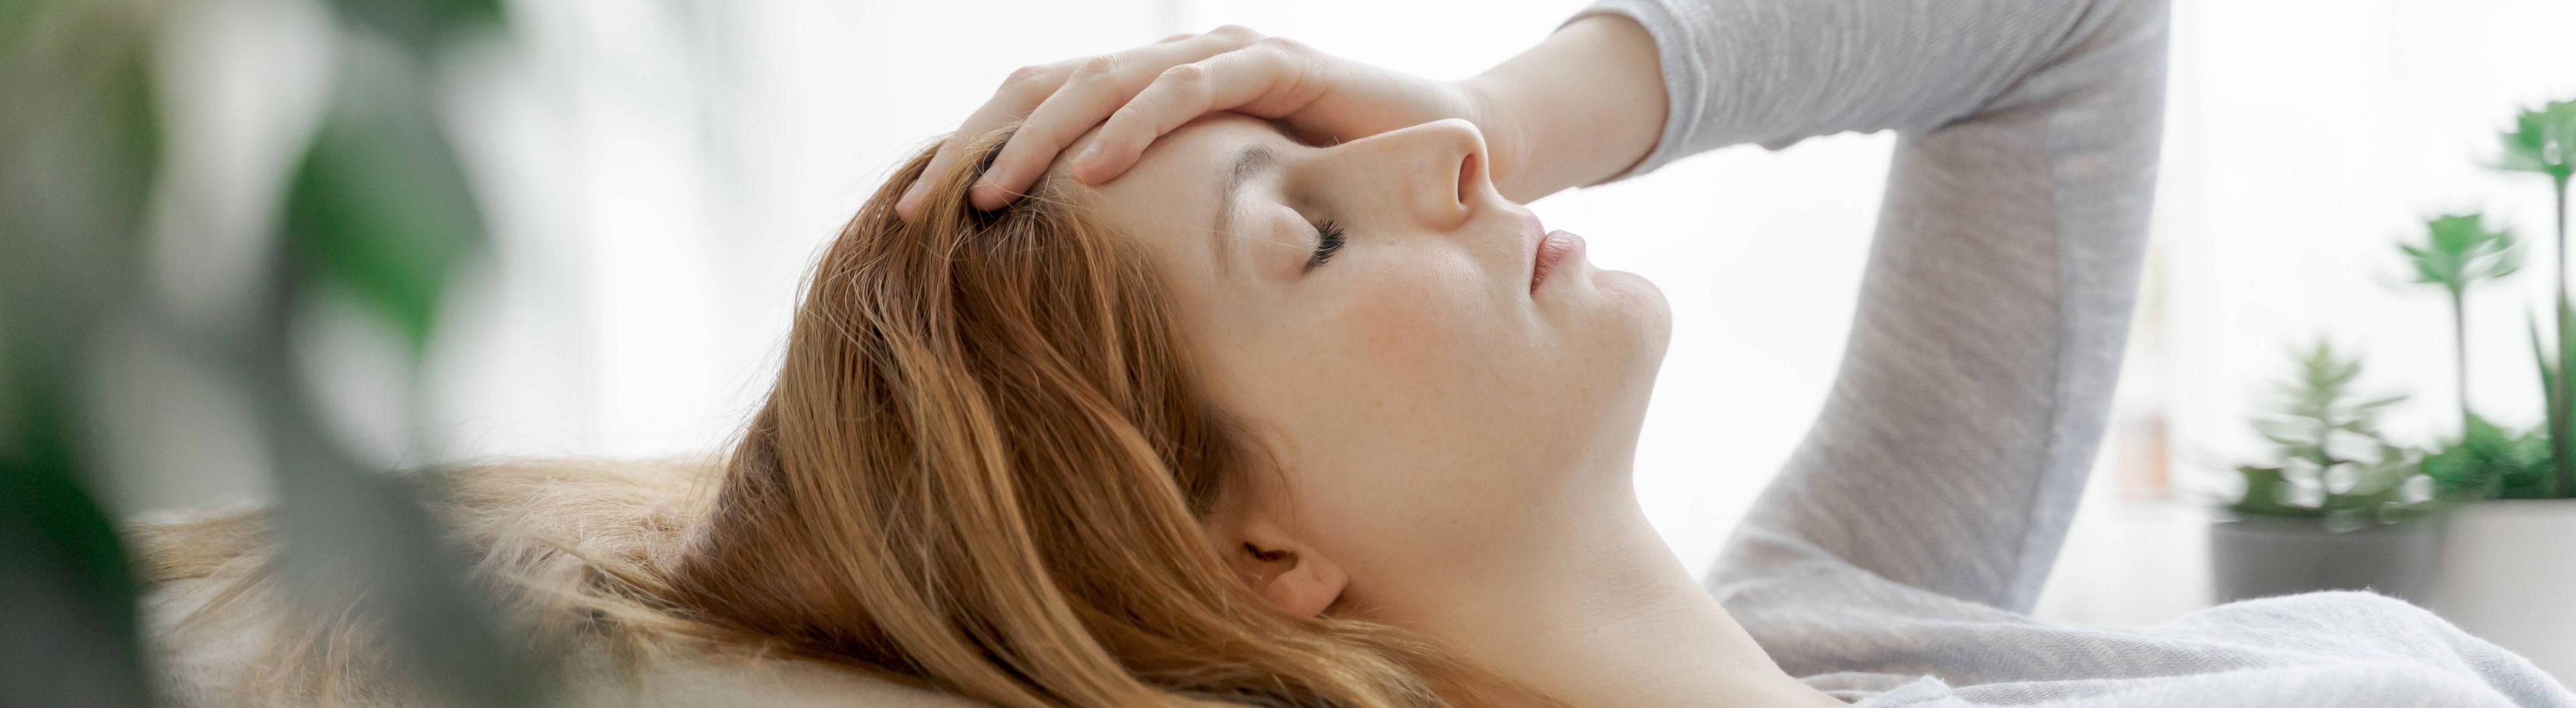 Frau hält sich besorgt die Hand an die Stirn